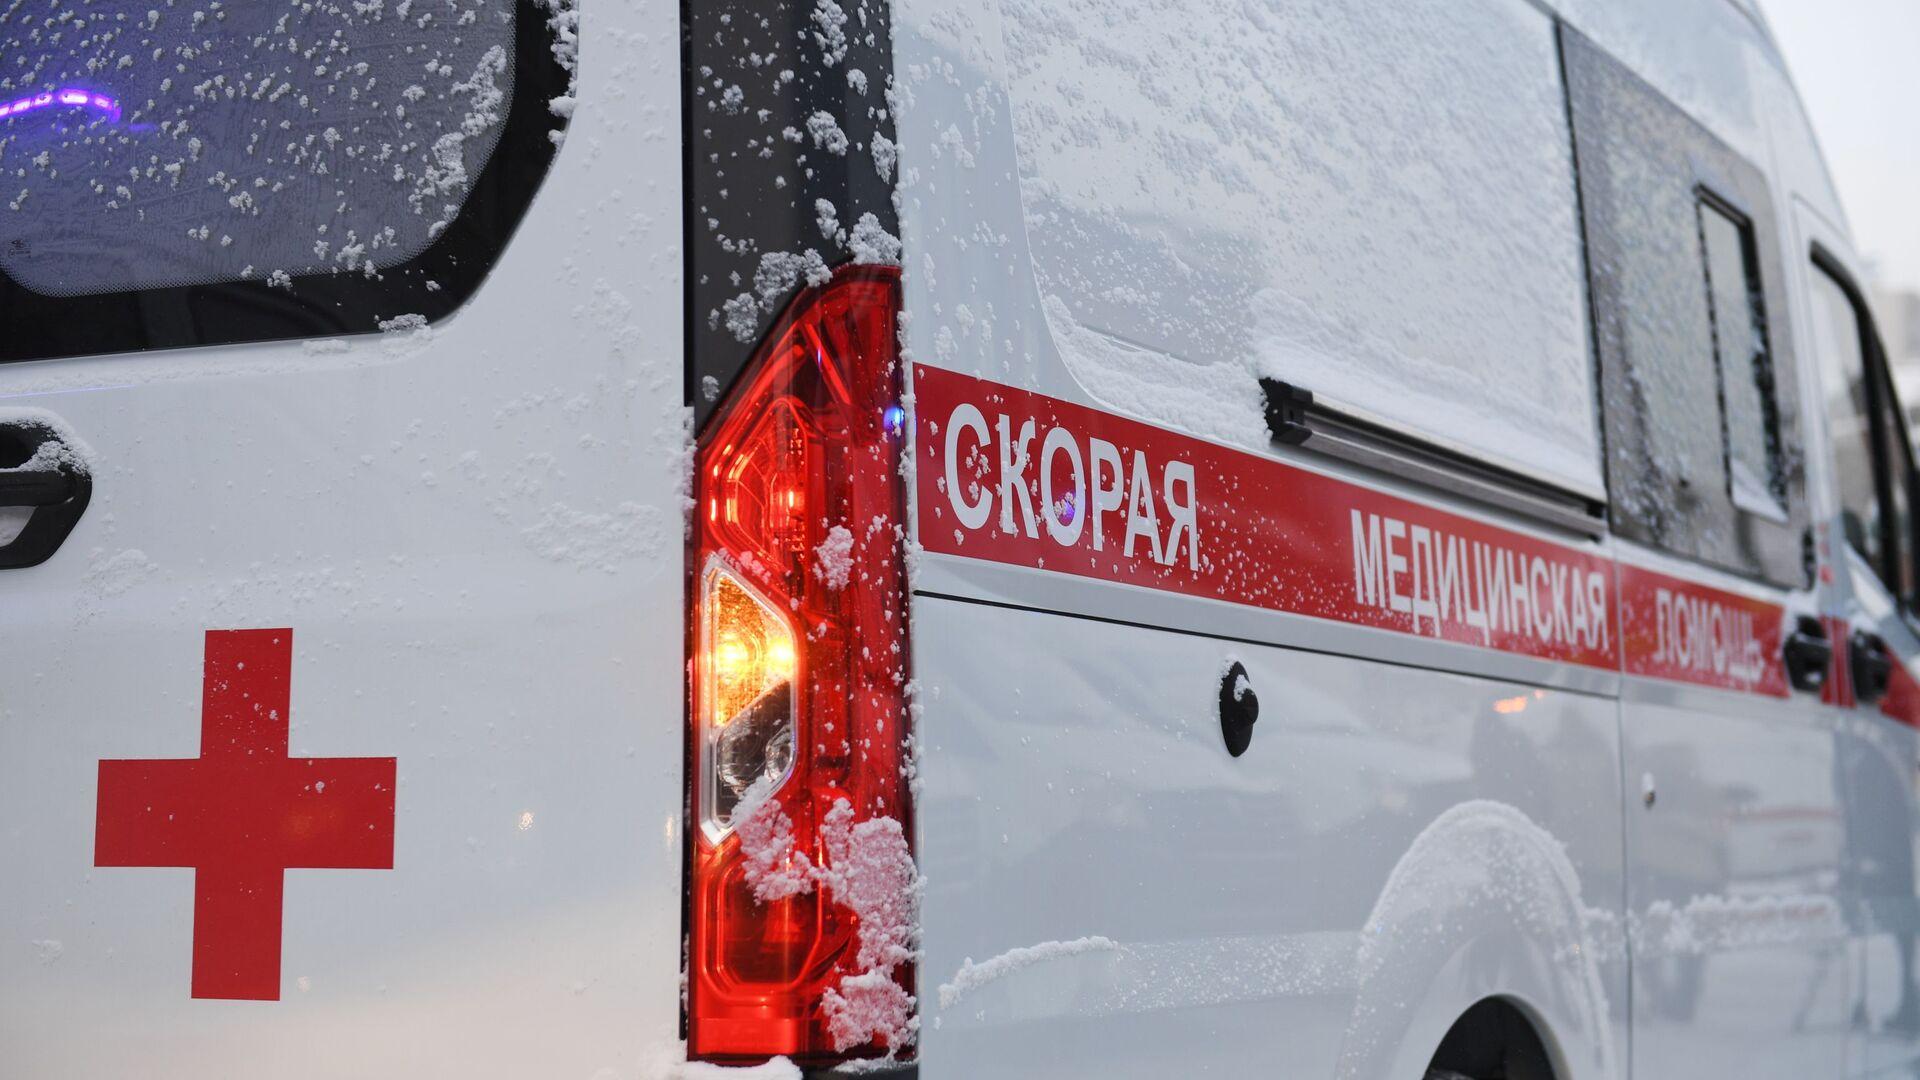 Автомобиль скорой помощи - РИА Новости, 1920, 28.01.2021